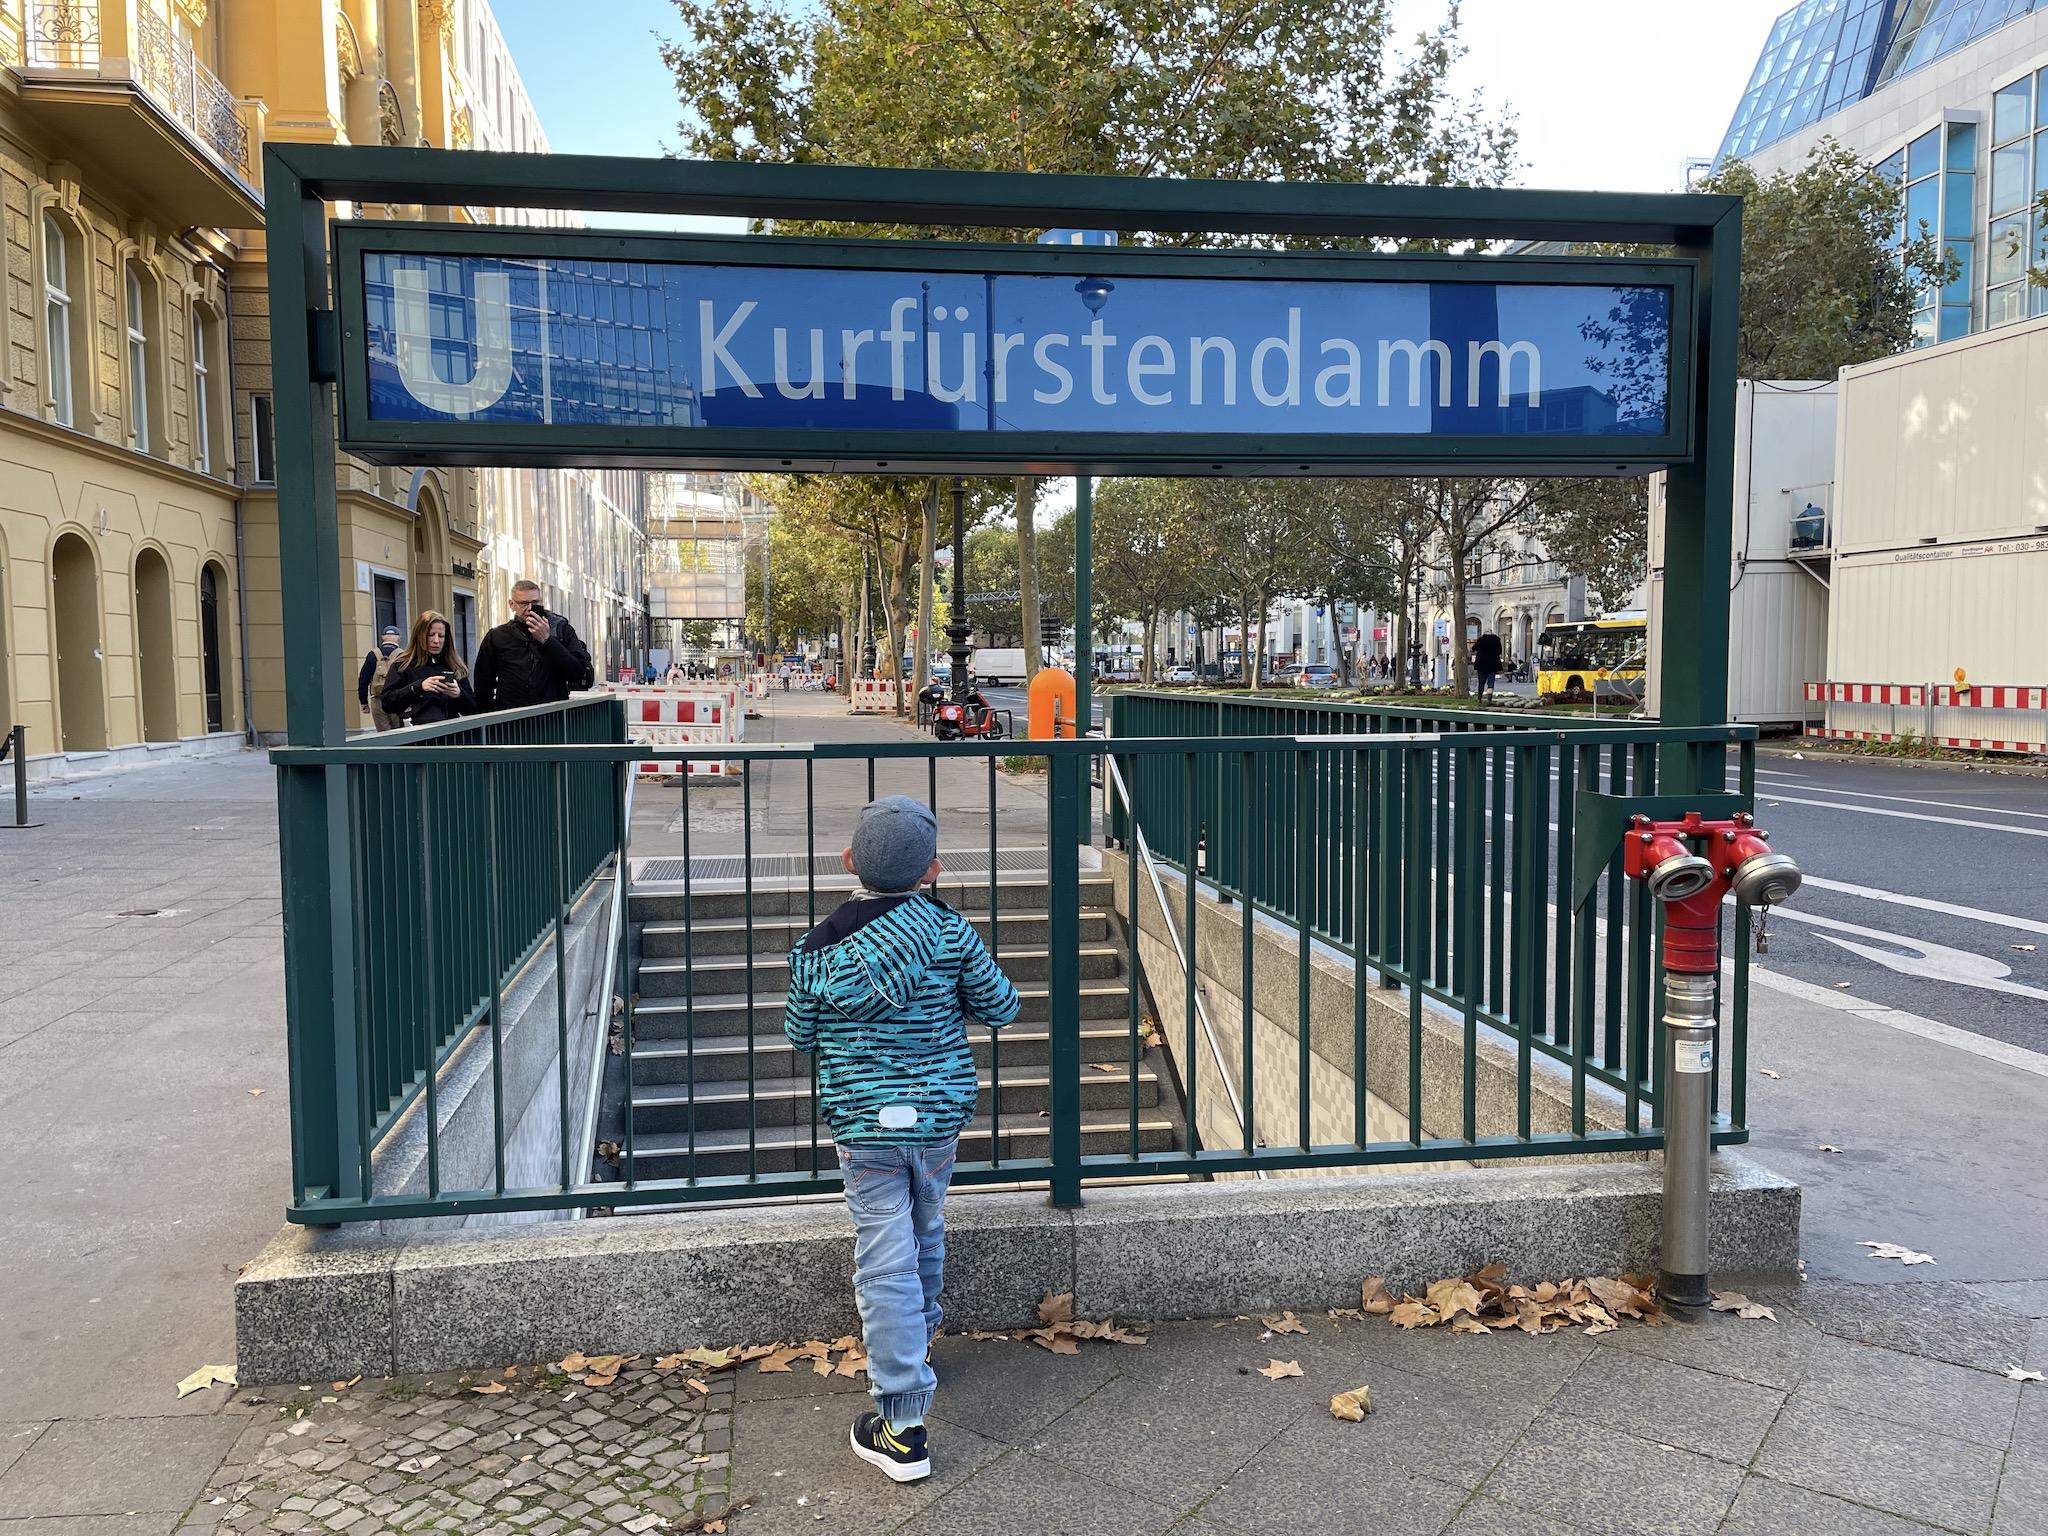 211012_BerlinmitKindern_19